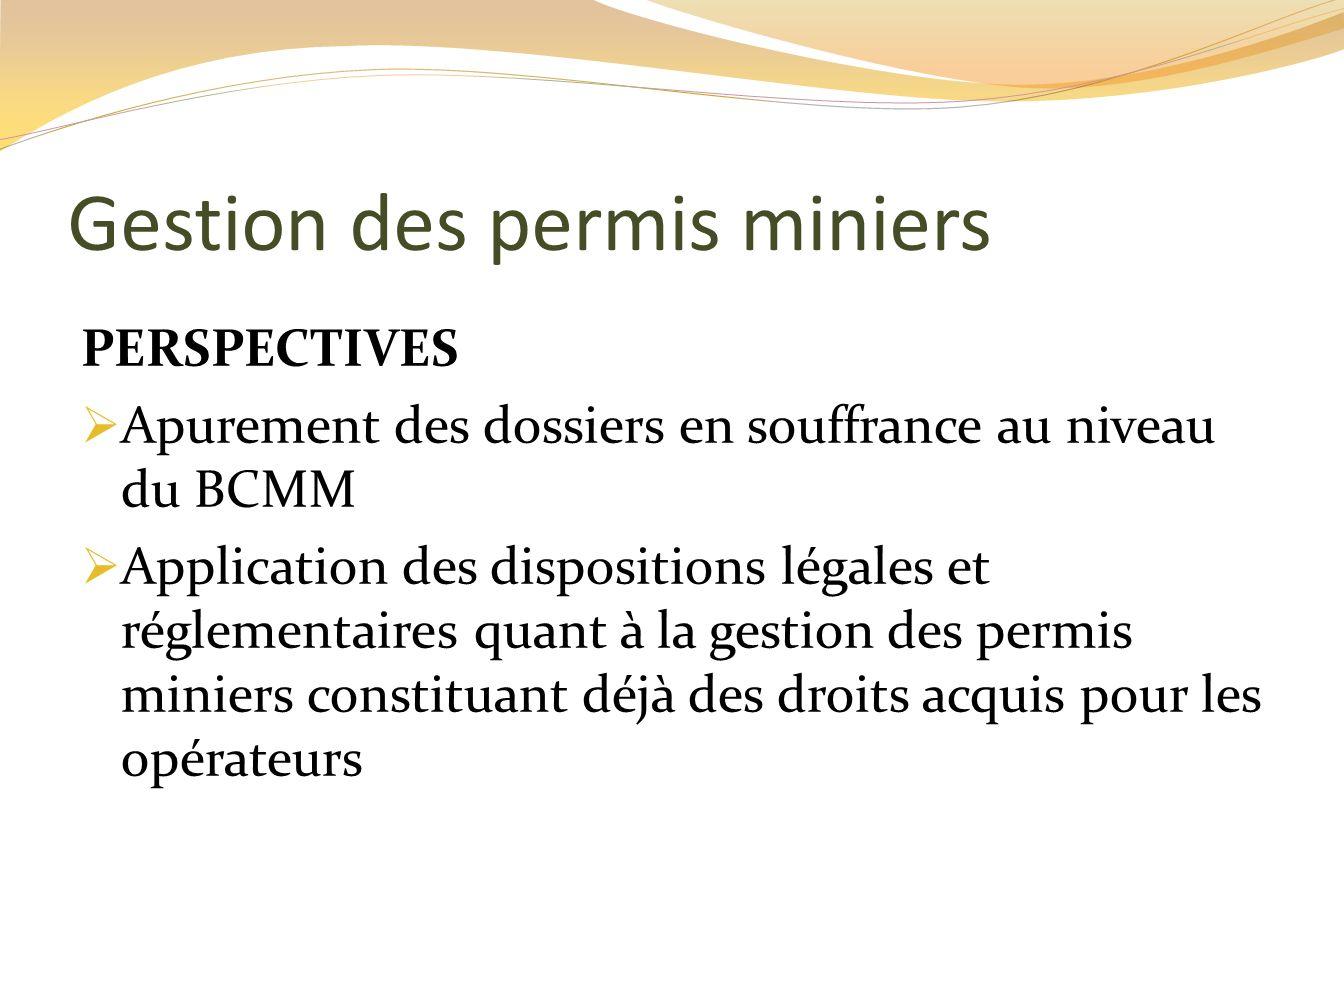 Gestion des permis miniers